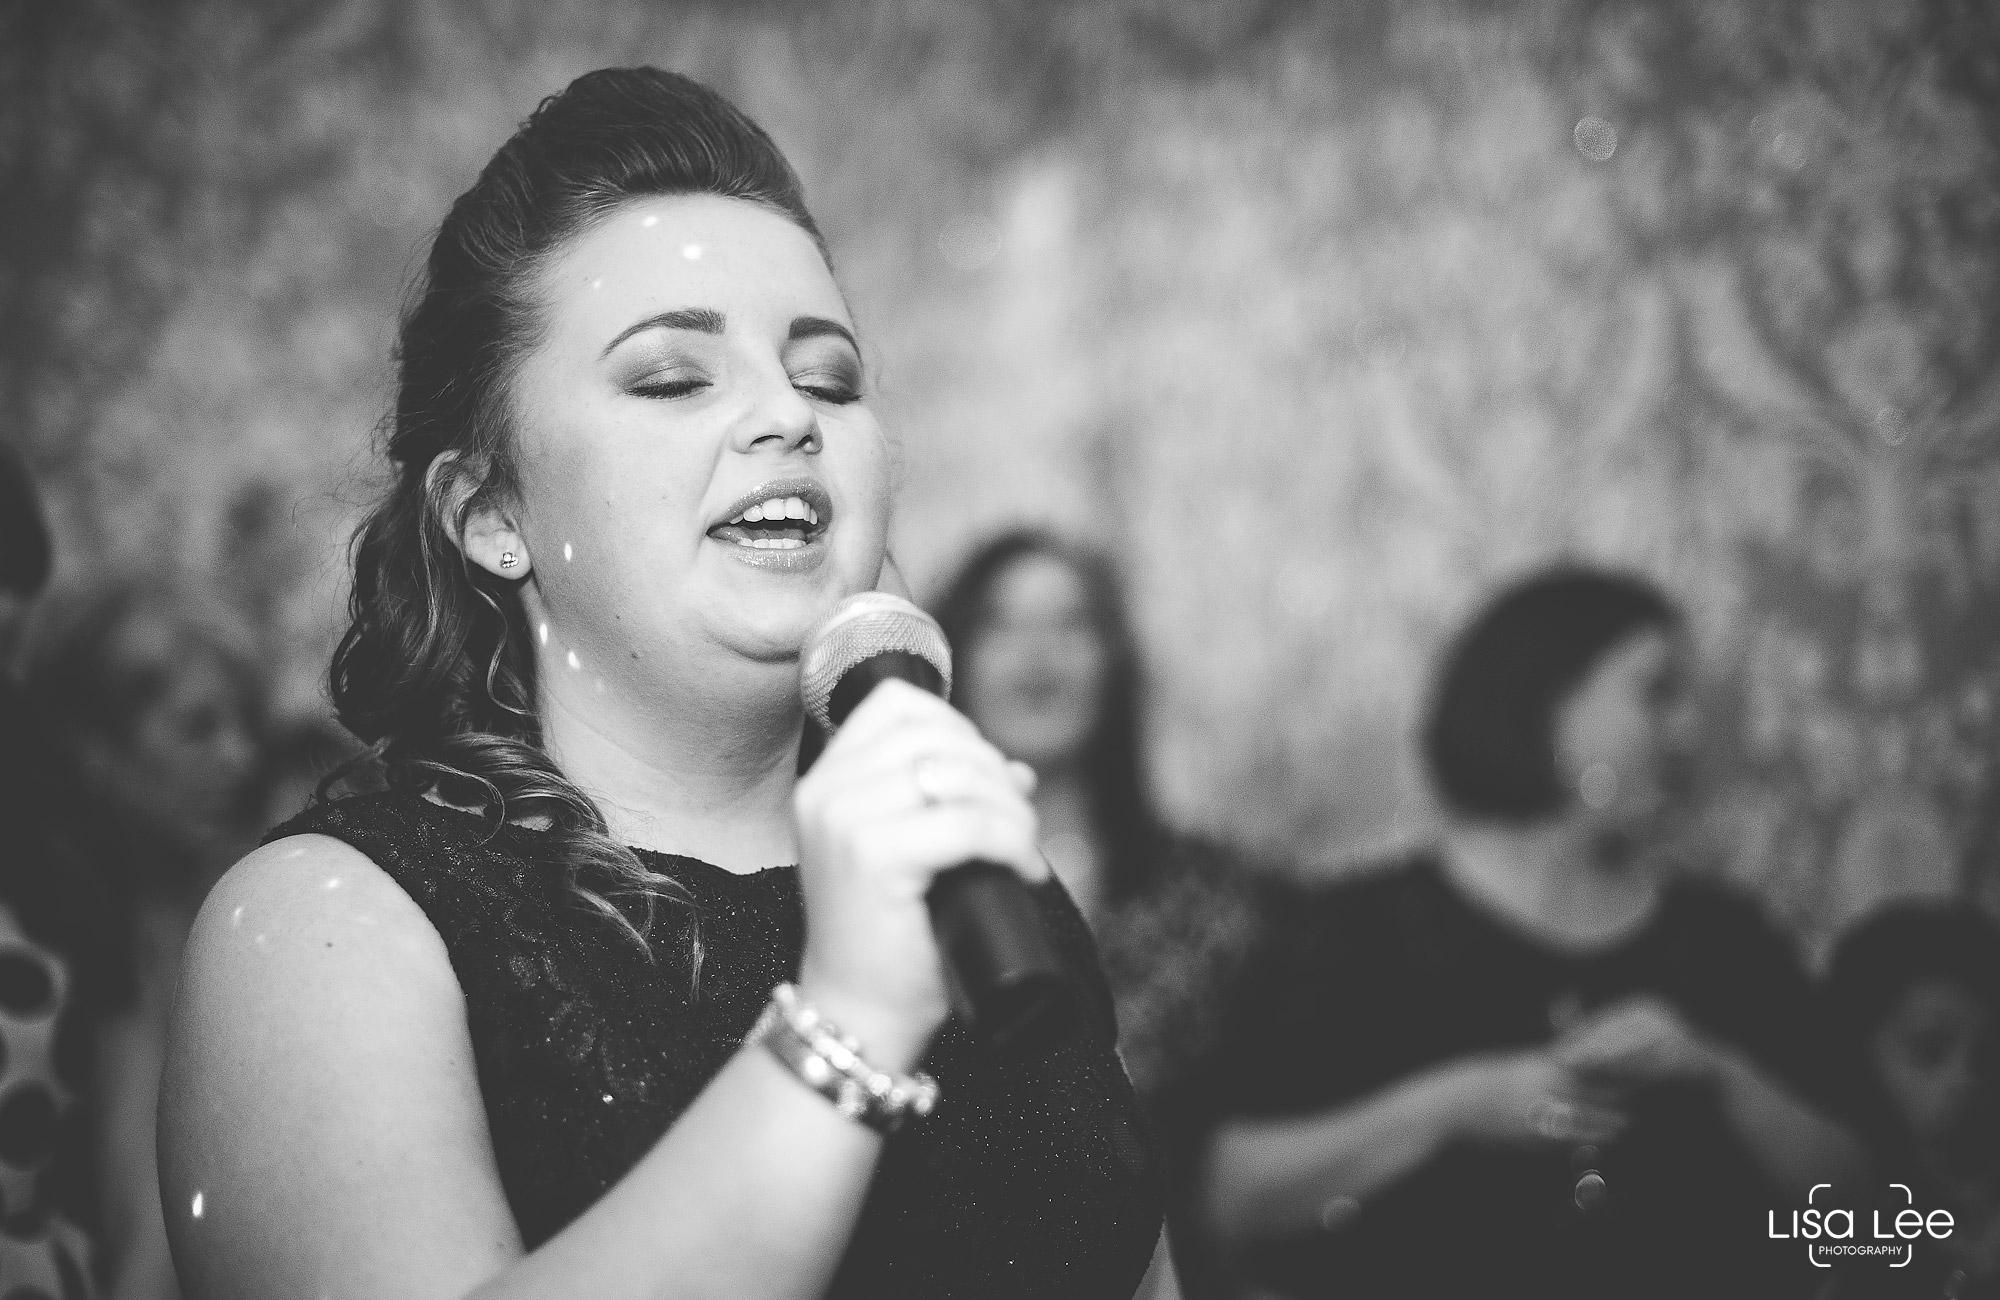 lisa-lee-wedding-photography-new-forest-dorset-singer.jpg